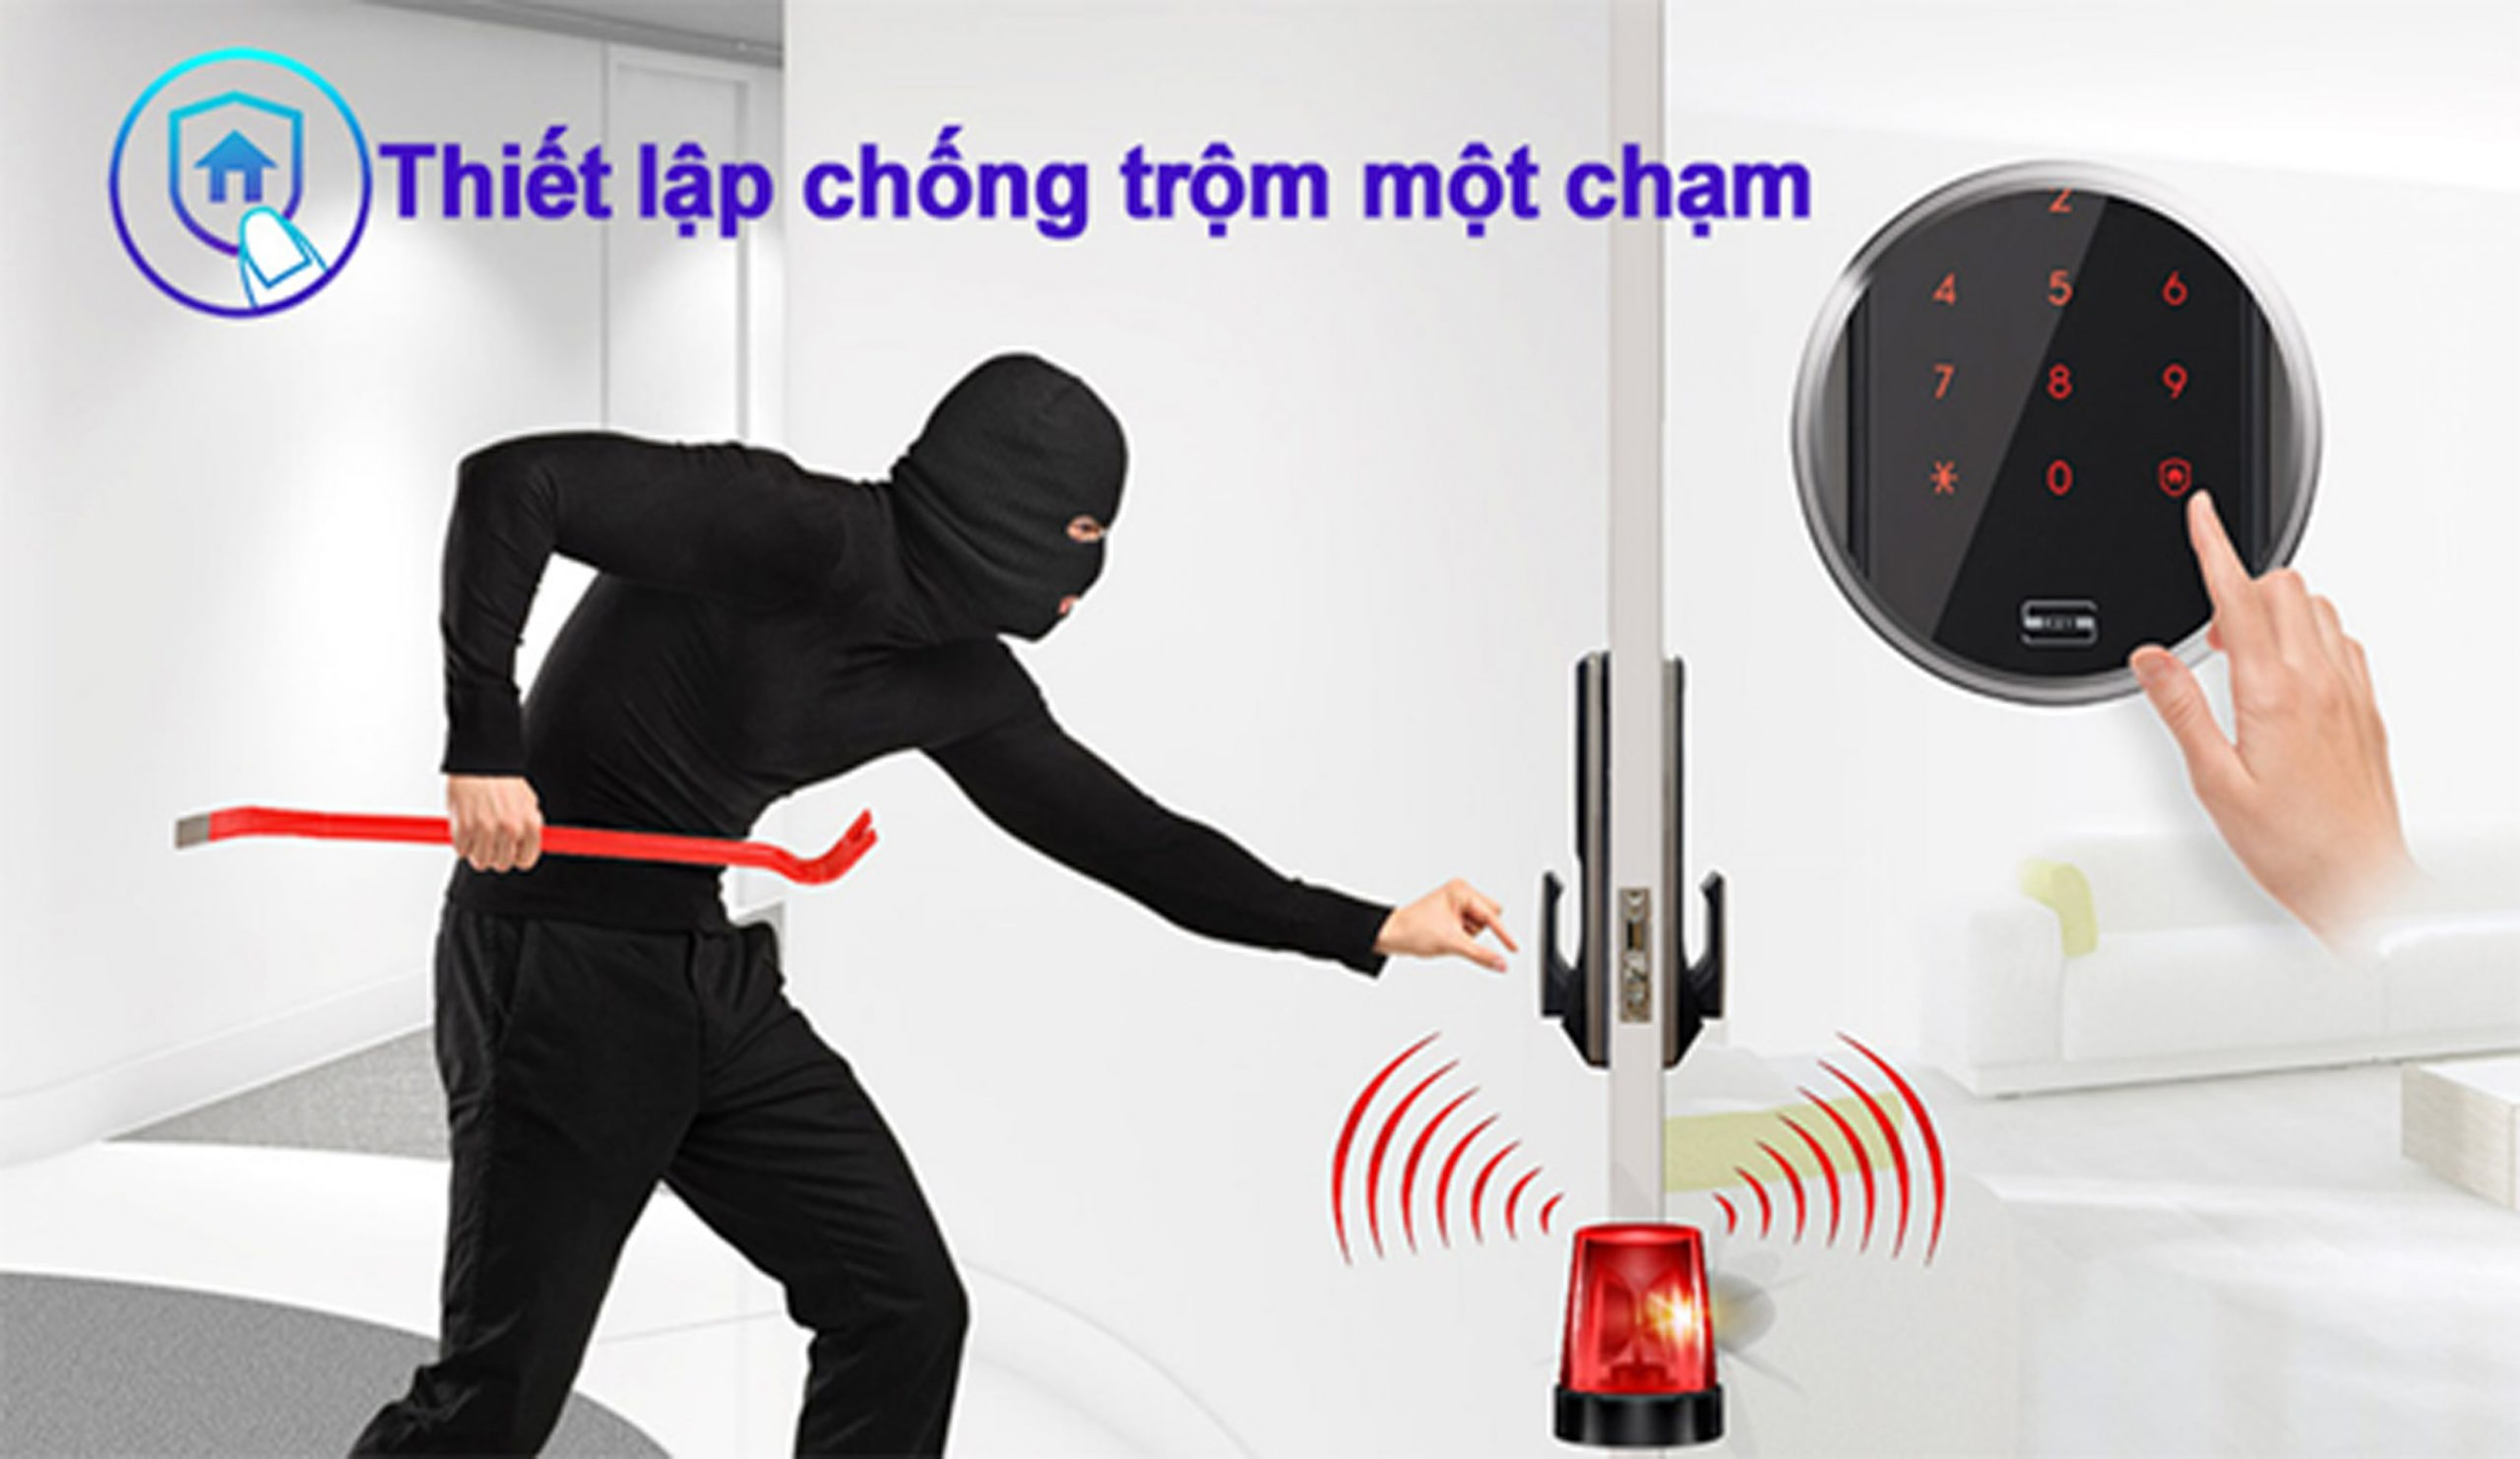 khóa vân tay samsung có thiết kế chống trộm